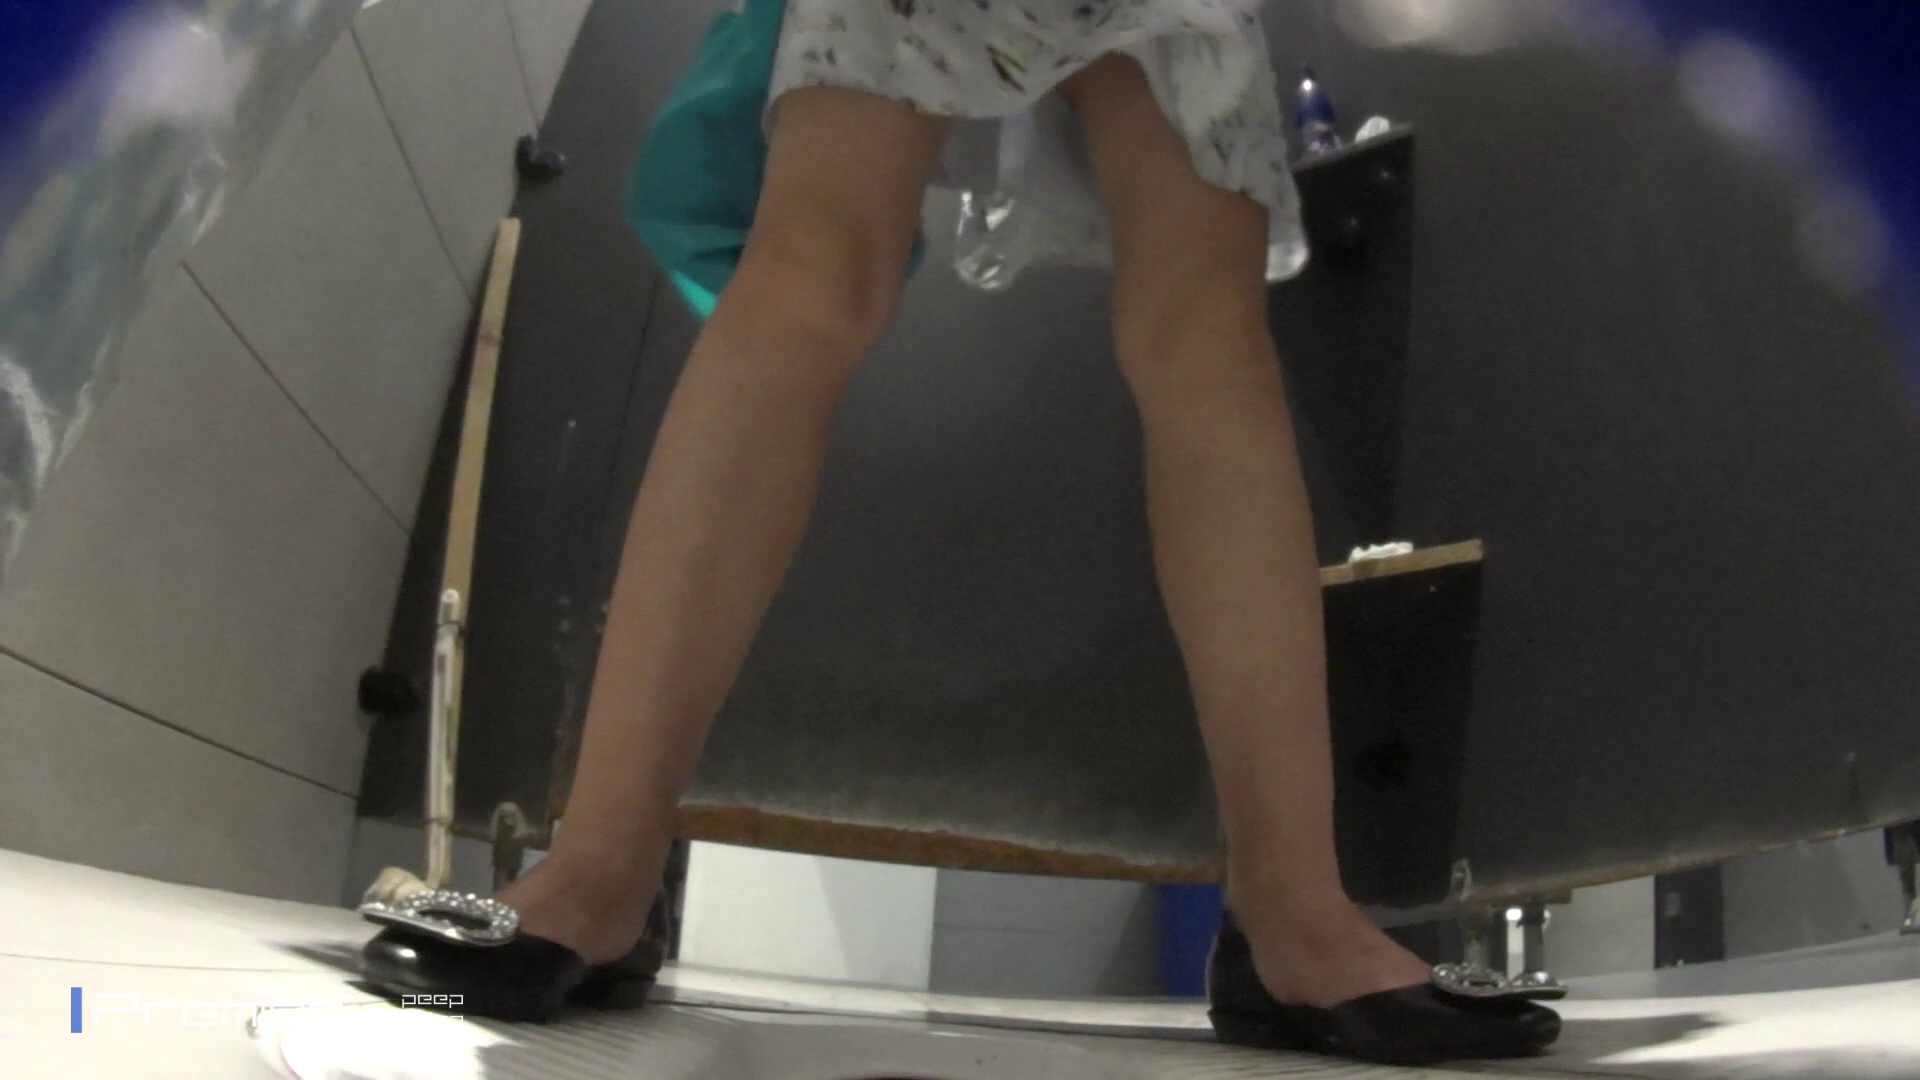 フロントから丸見え! 大学休憩時間の洗面所事情60 高画質  69PIX 13